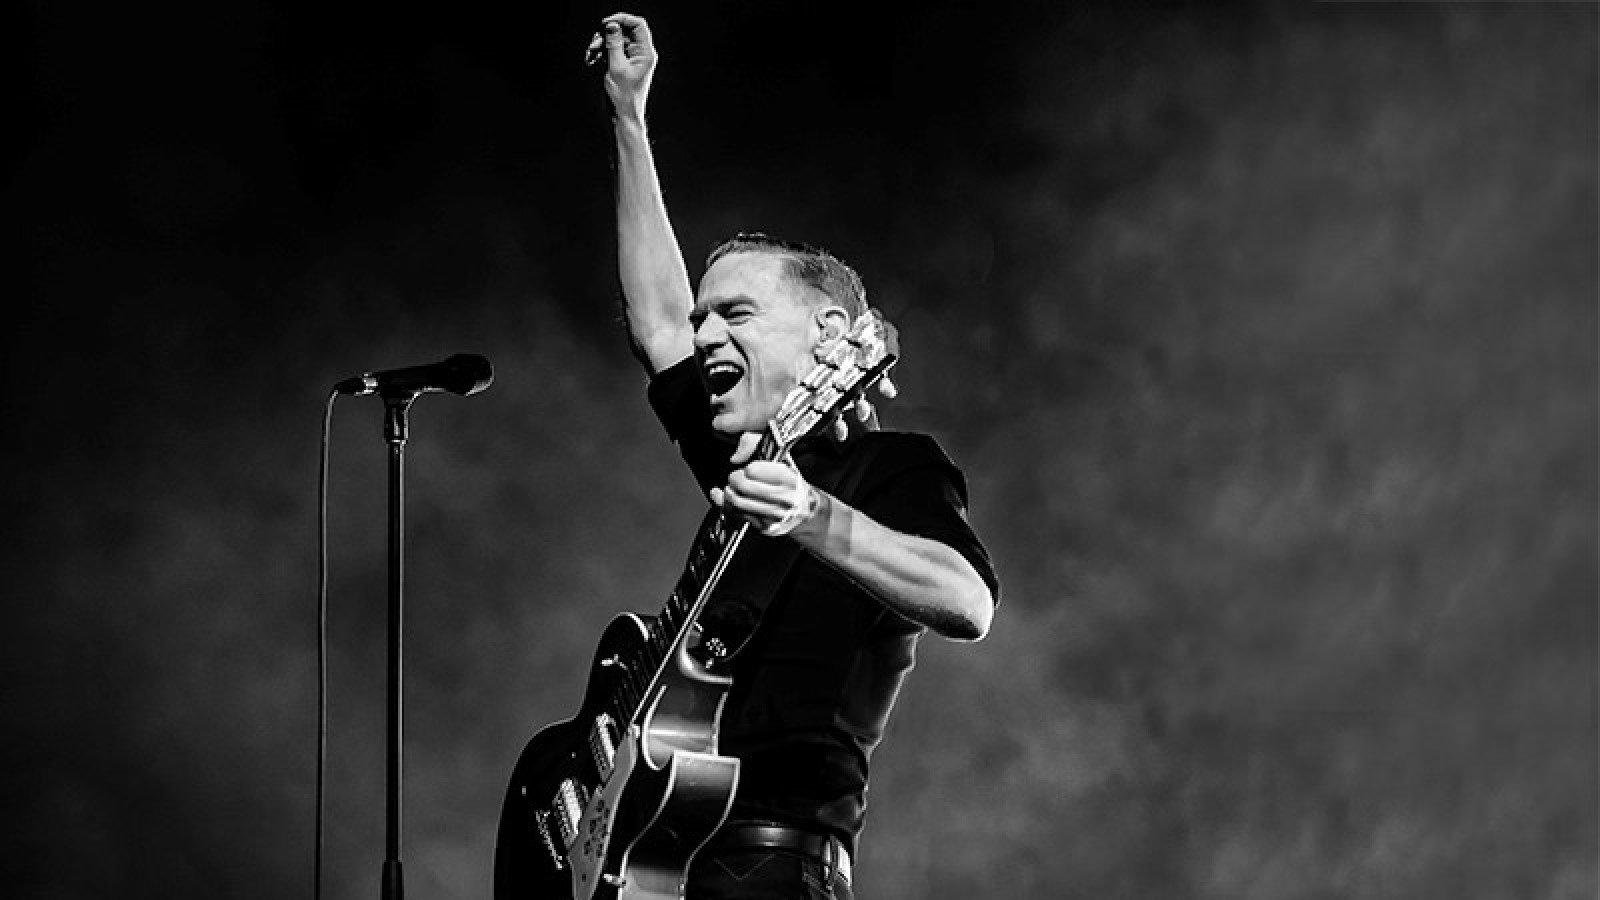 Cornbury Festival 2021 to go ahead with Bryan Adams headlining